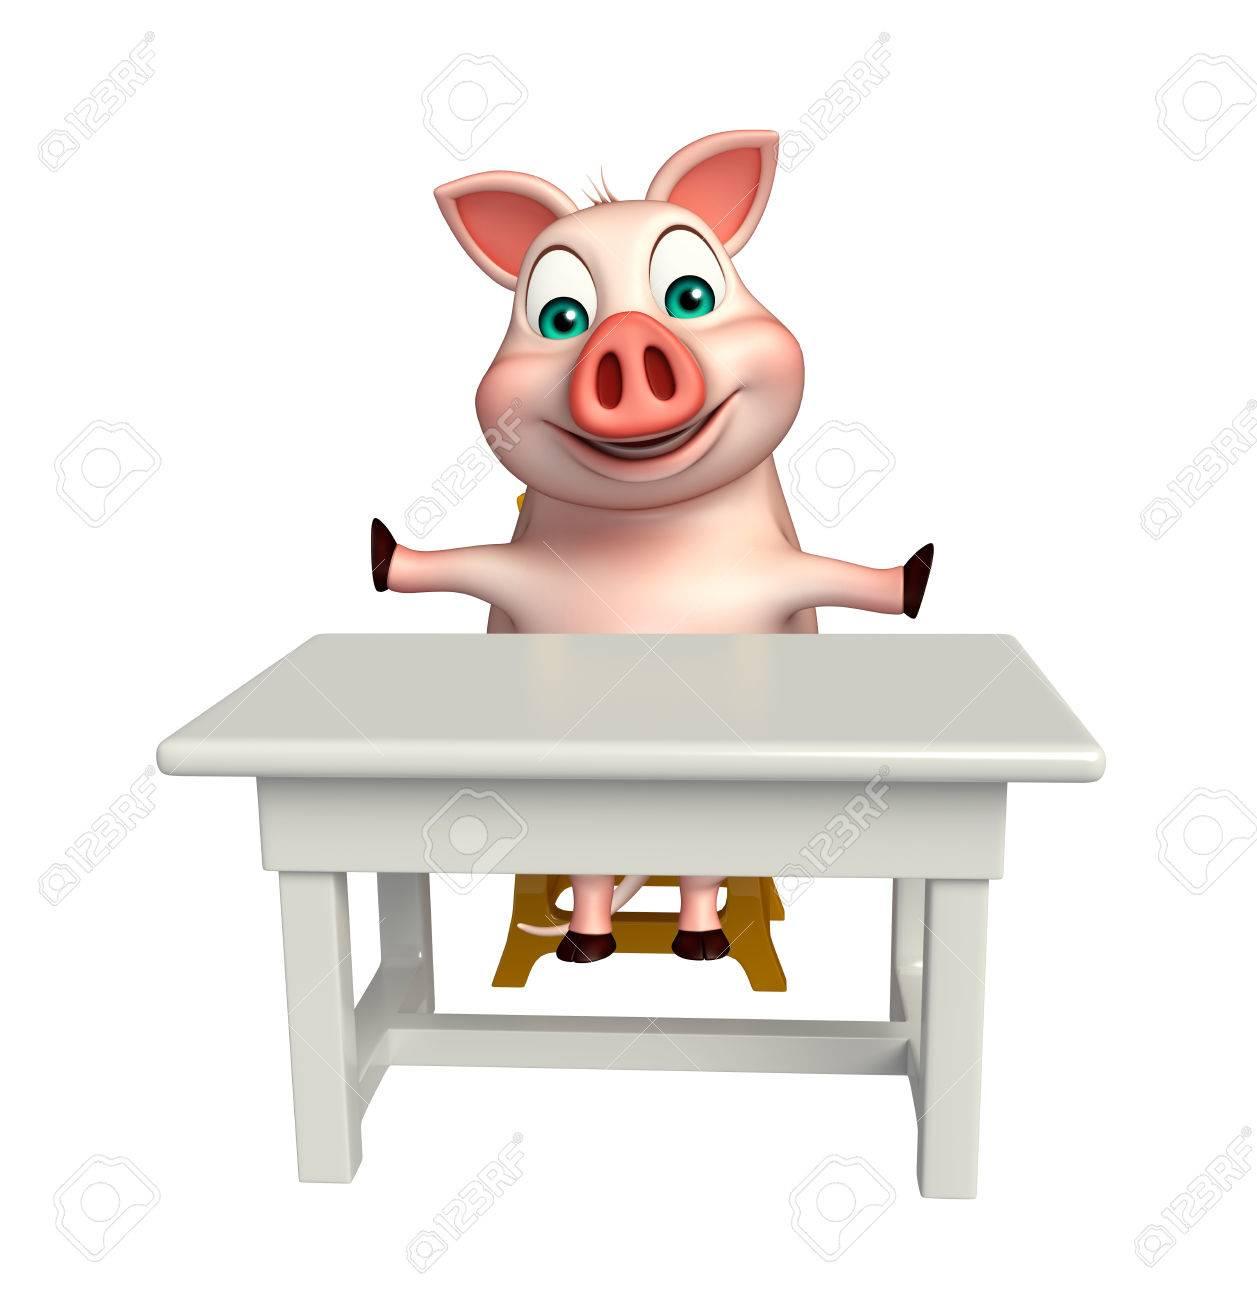 Stuhl comic  3D Gerenderten Bild Von Schwein Comic-Figur Mit Tisch Und Stuhl ...